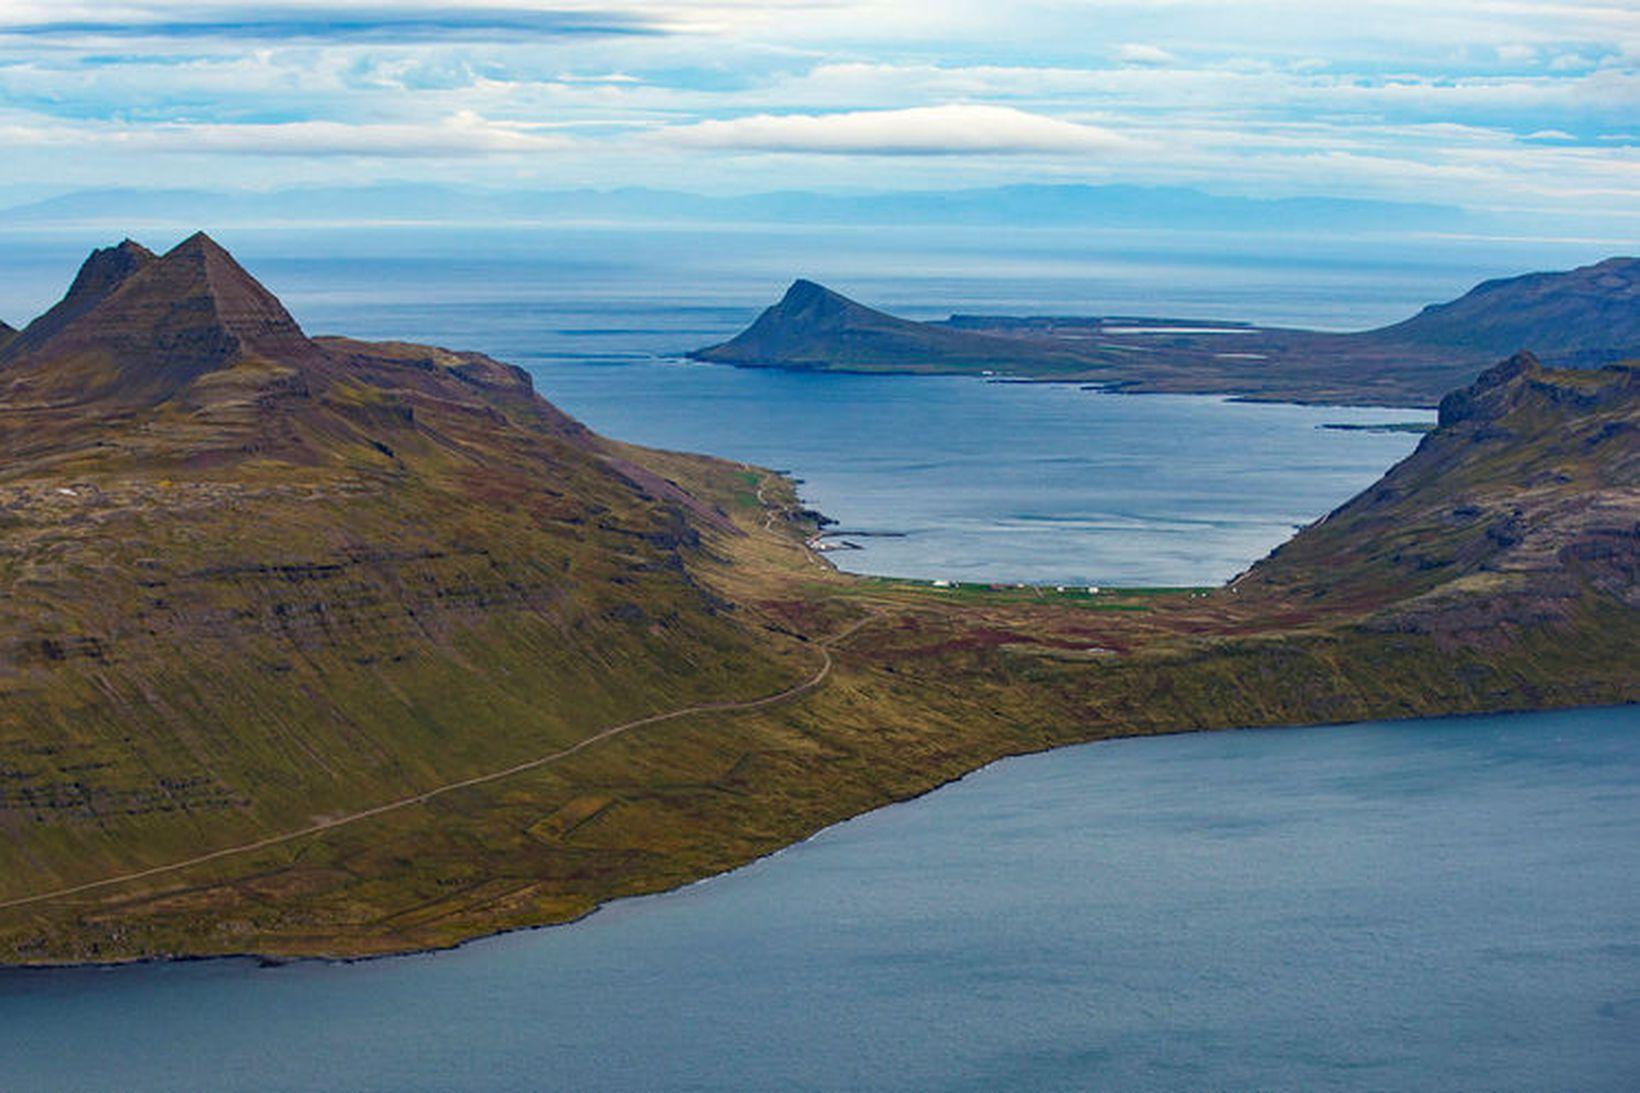 Umtalsverðir annmarkar voru á framkvæmd sveitarstjórnarkosninga í Árneshreppi, samkvæmt úrskurði …